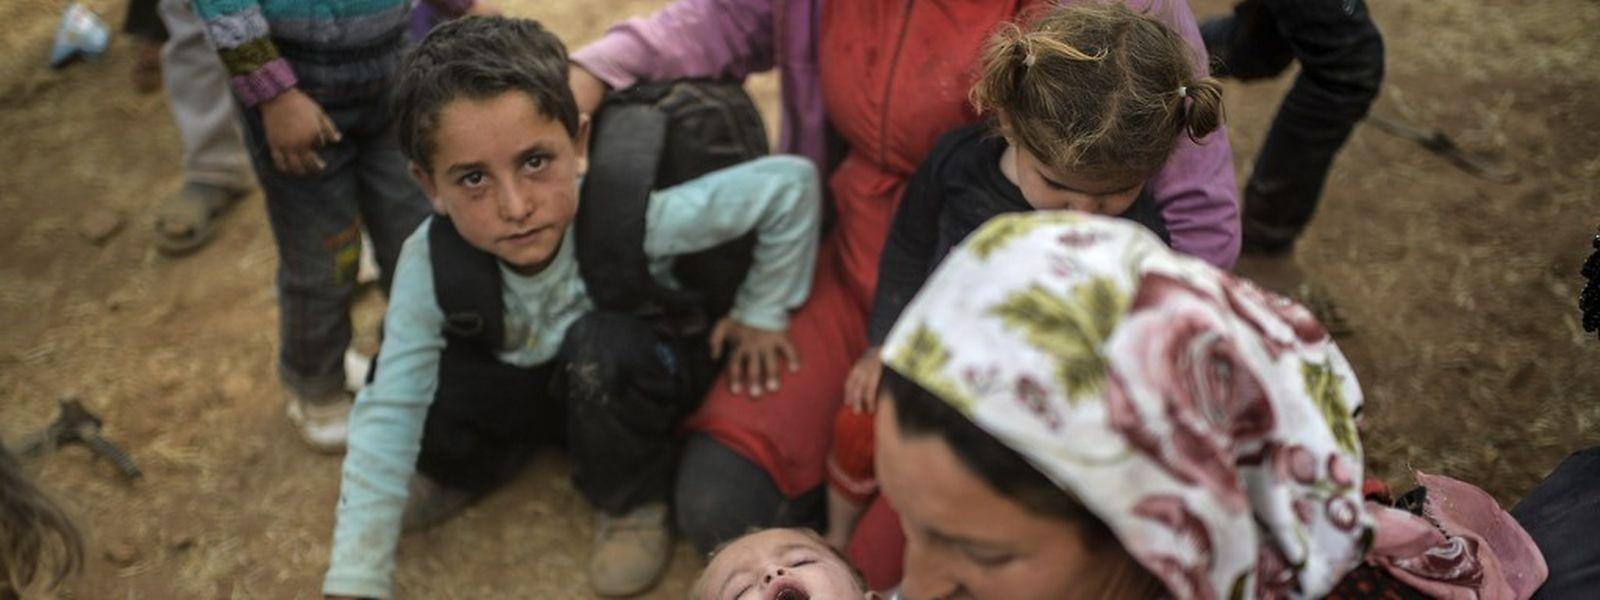 Diese syrischen Kurden sind vor der IS in die türkische Stadt Suruc geflohen.